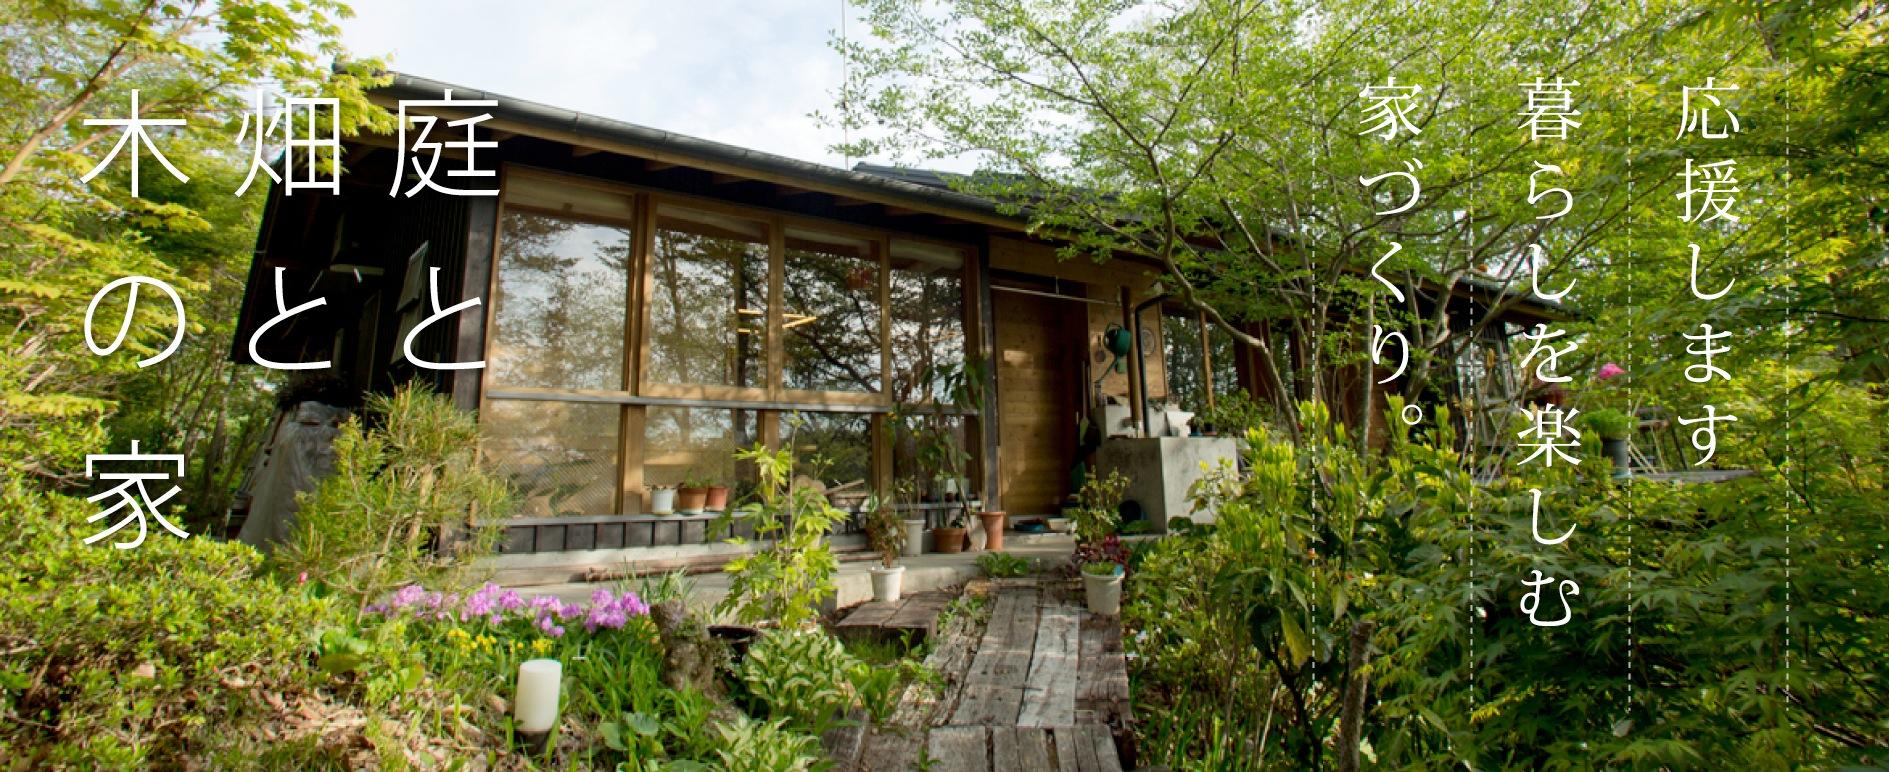 庭と畑と木の家